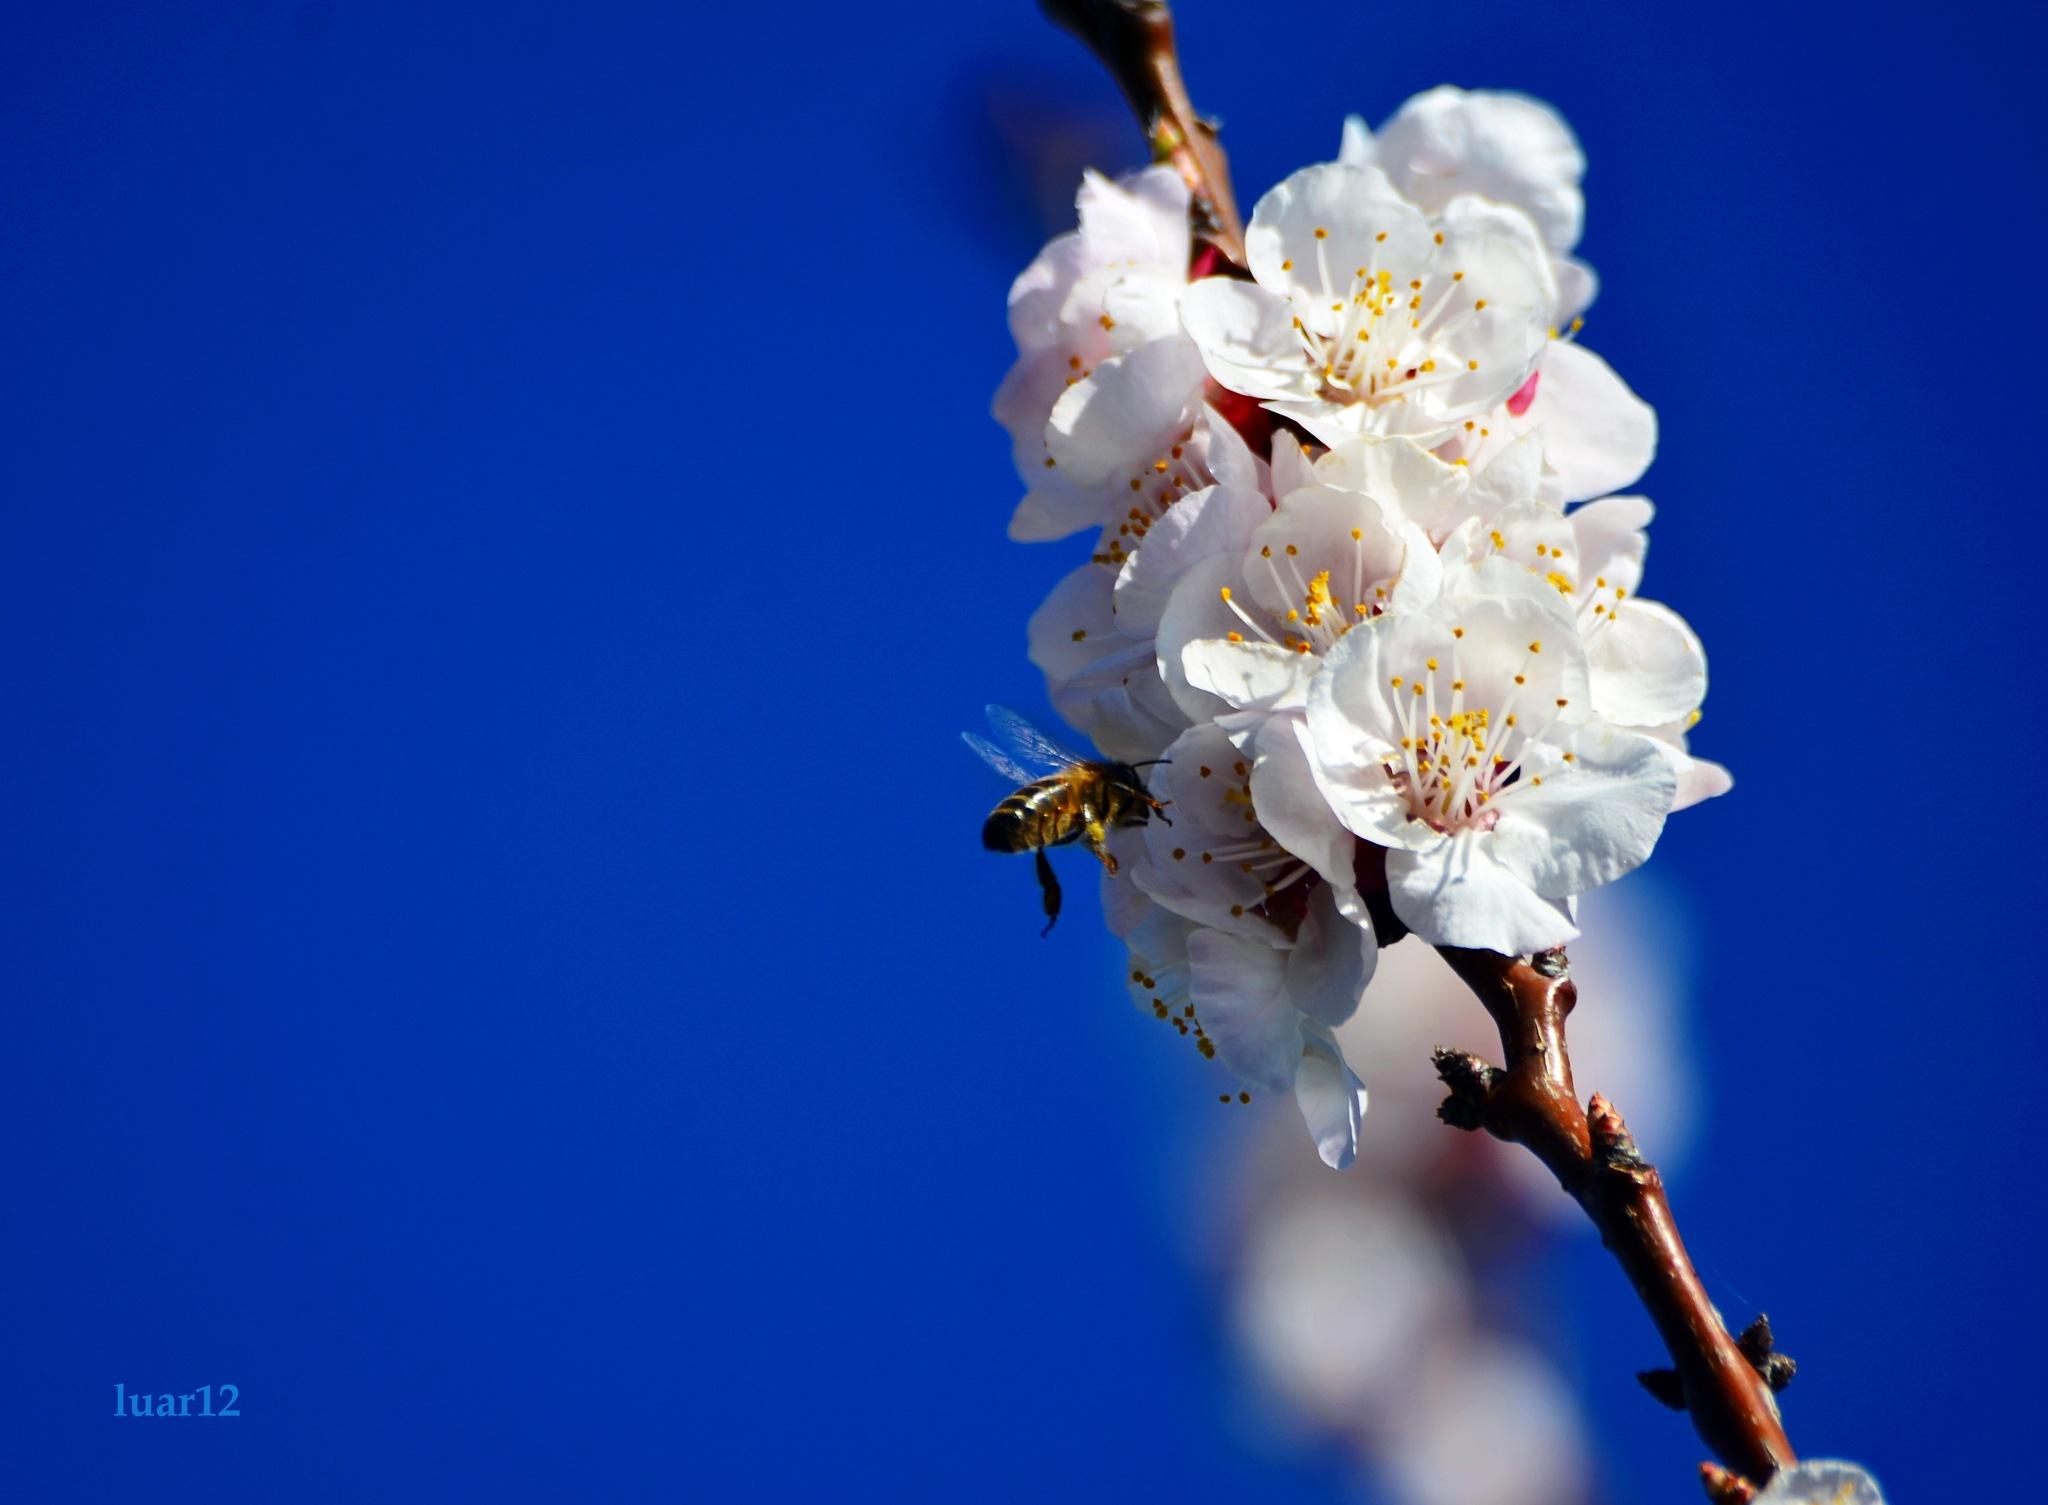 flores by luar12